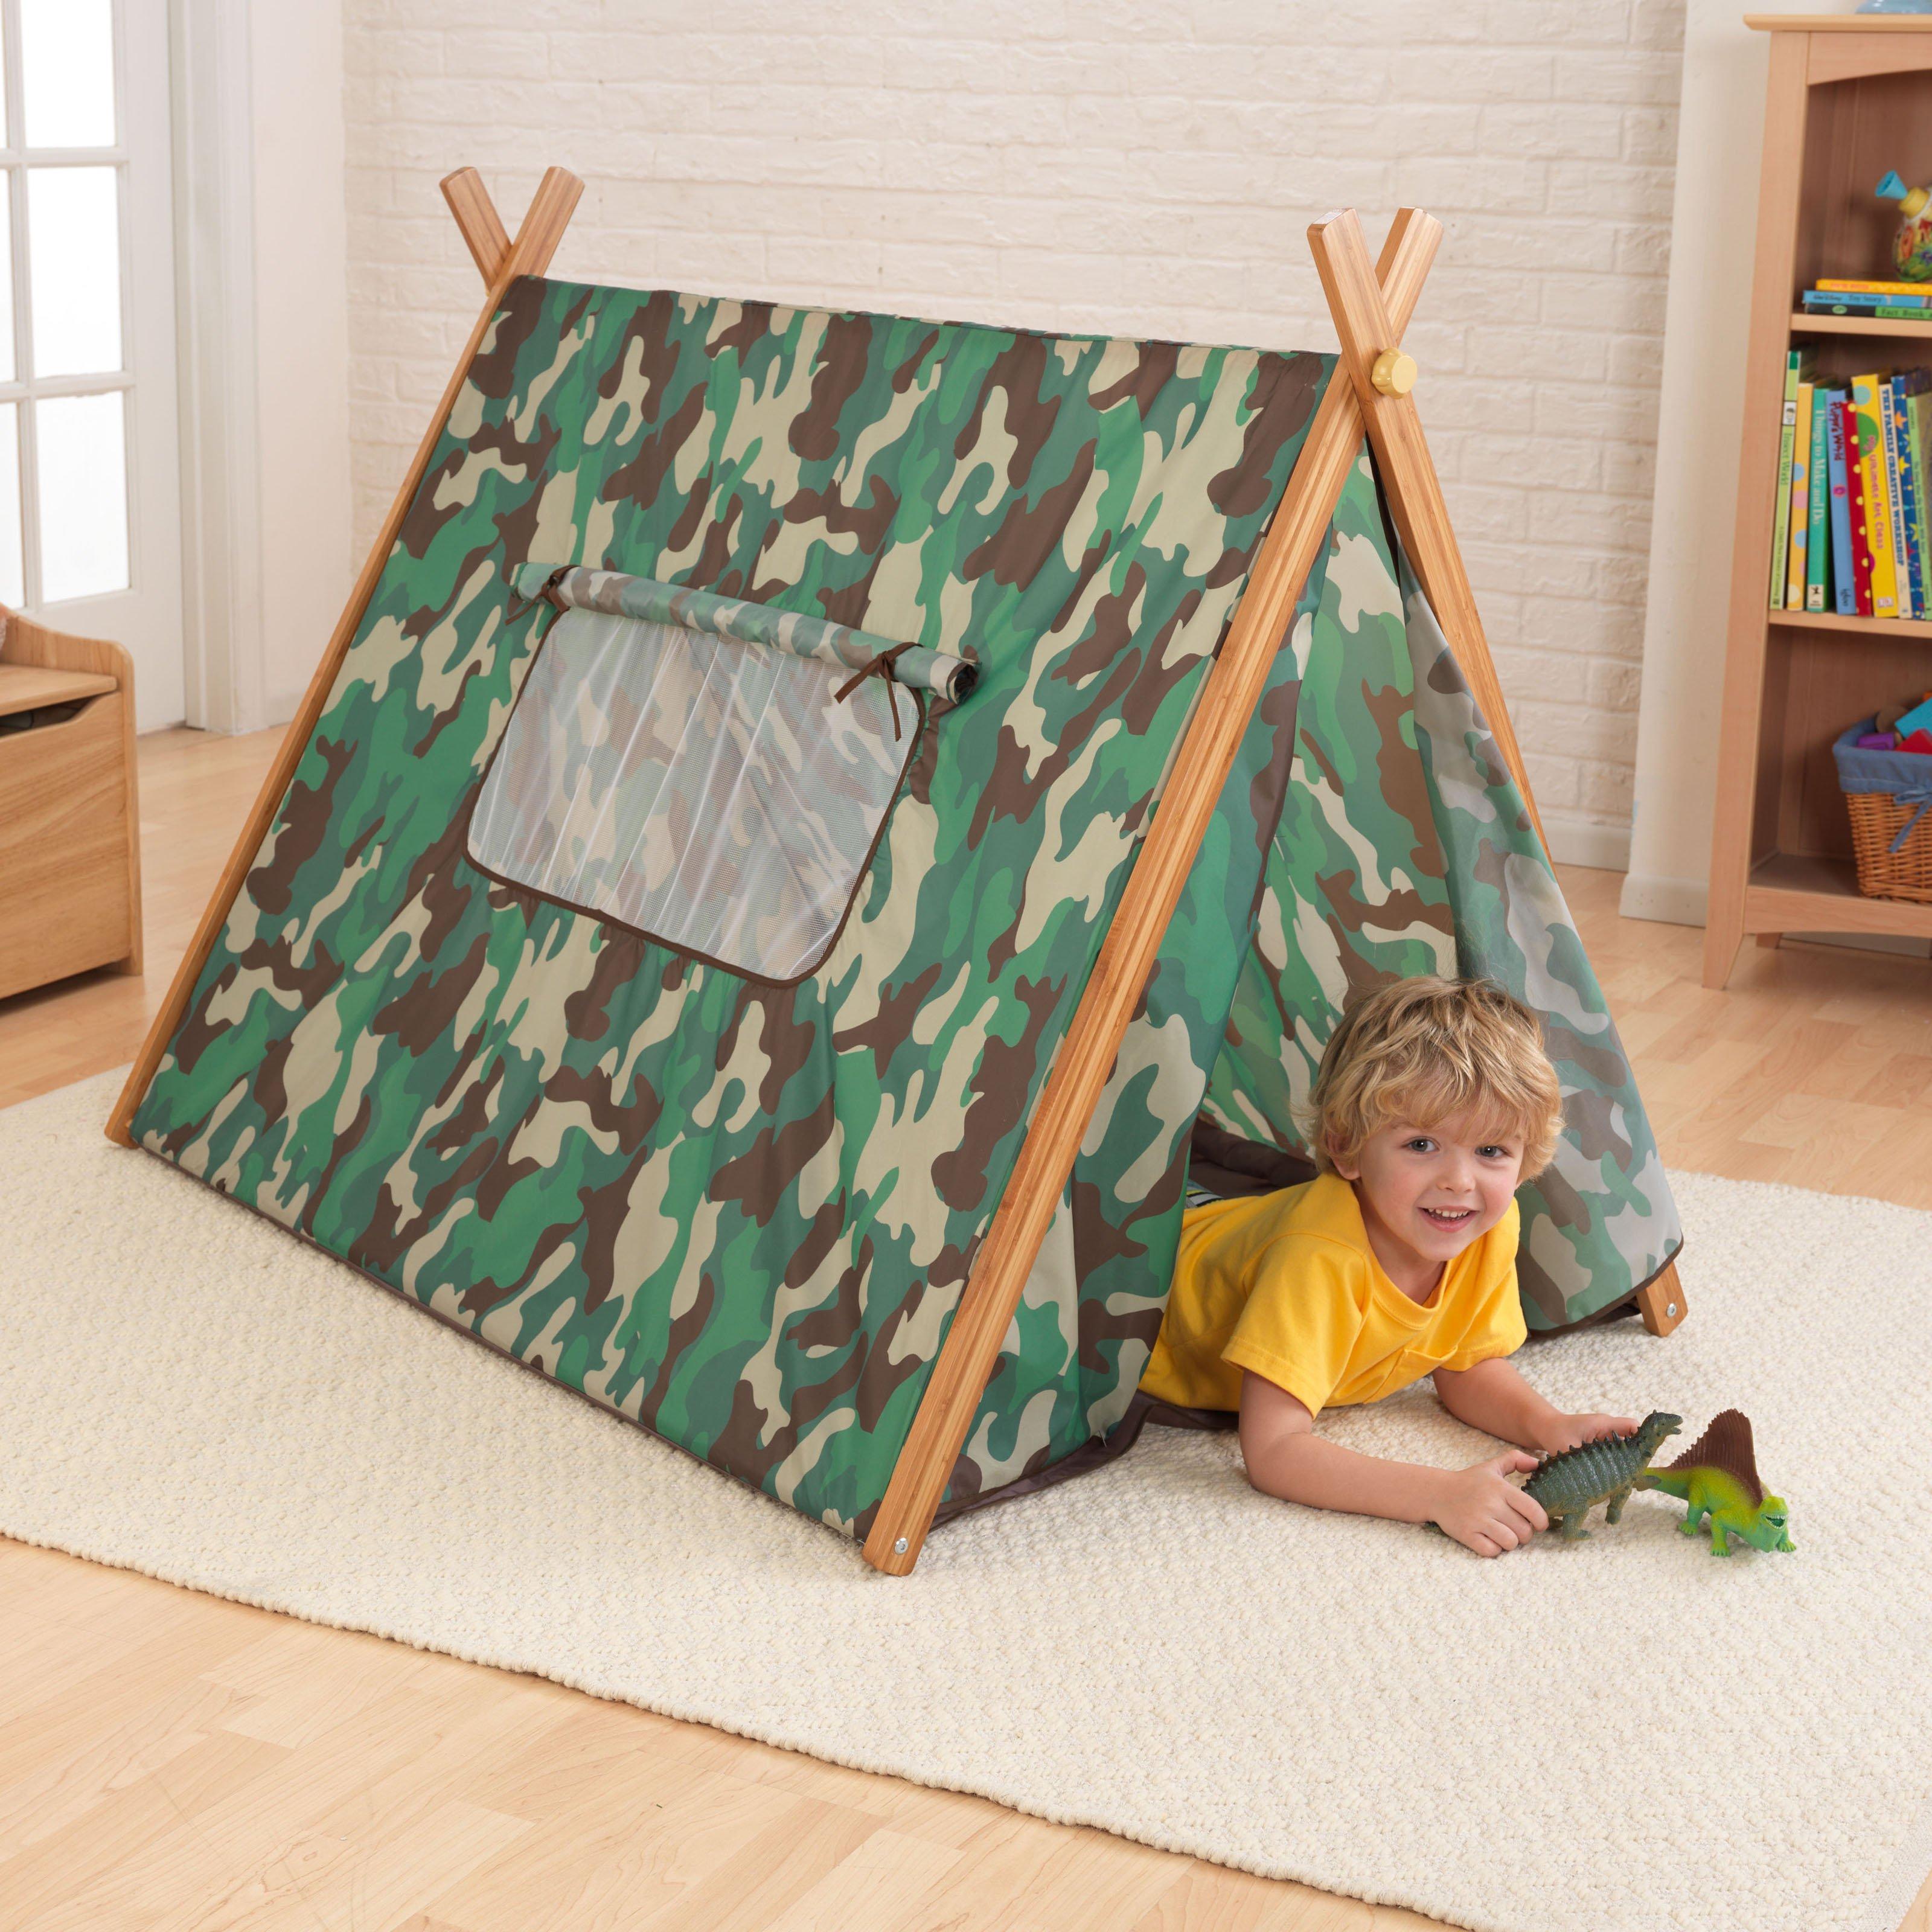 Как сделать игрушечную палатку своими руками 38